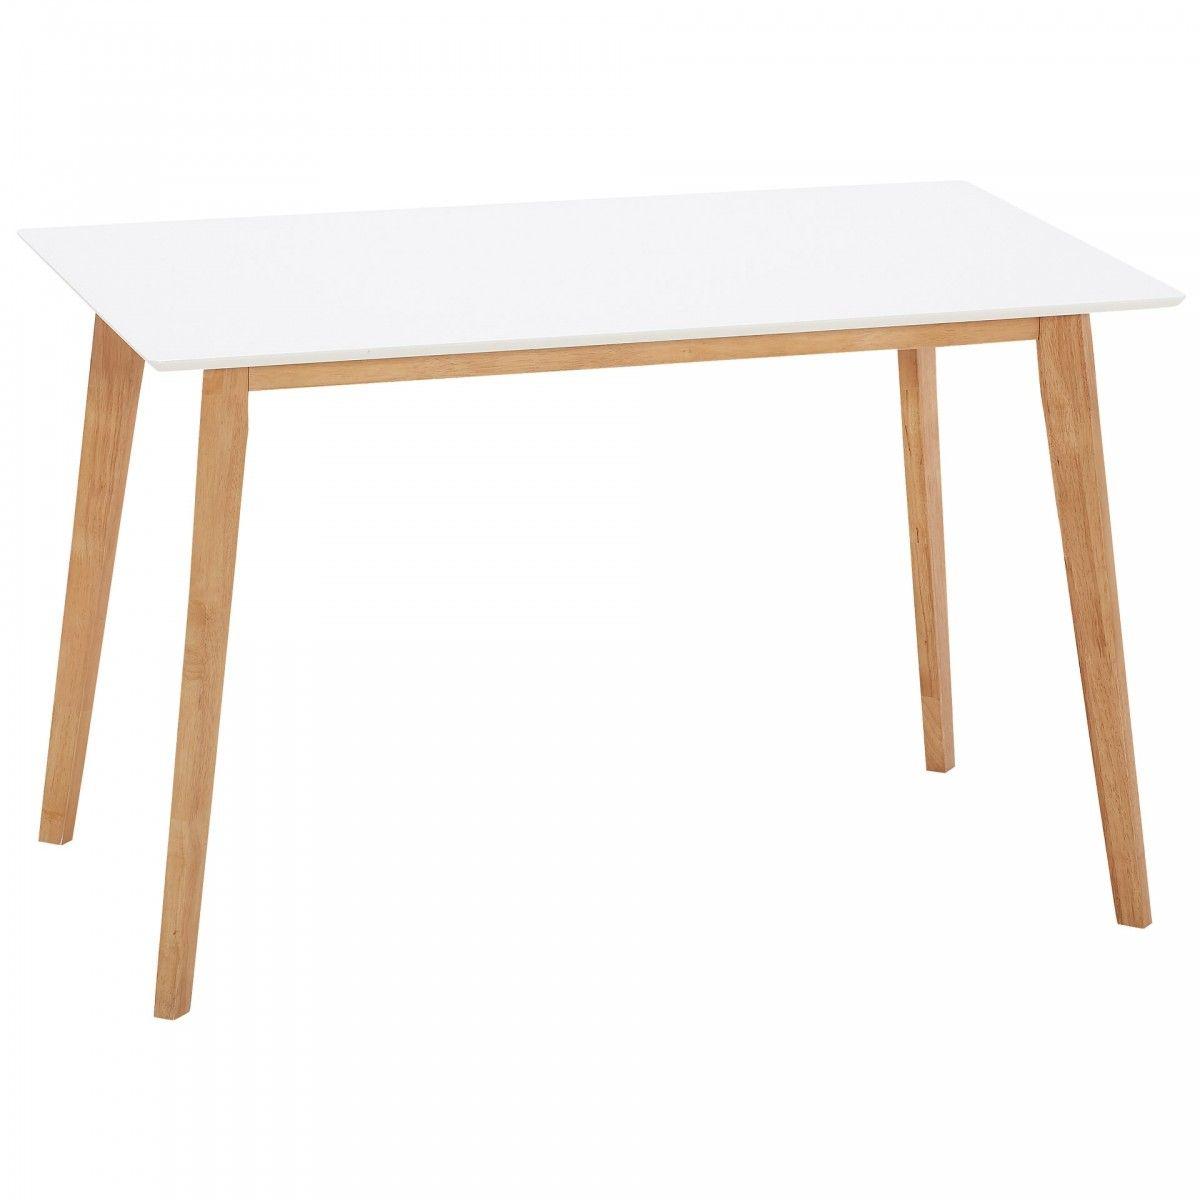 Esstisch Blokhus (70x120, eckig, weiß) kein IKEA in